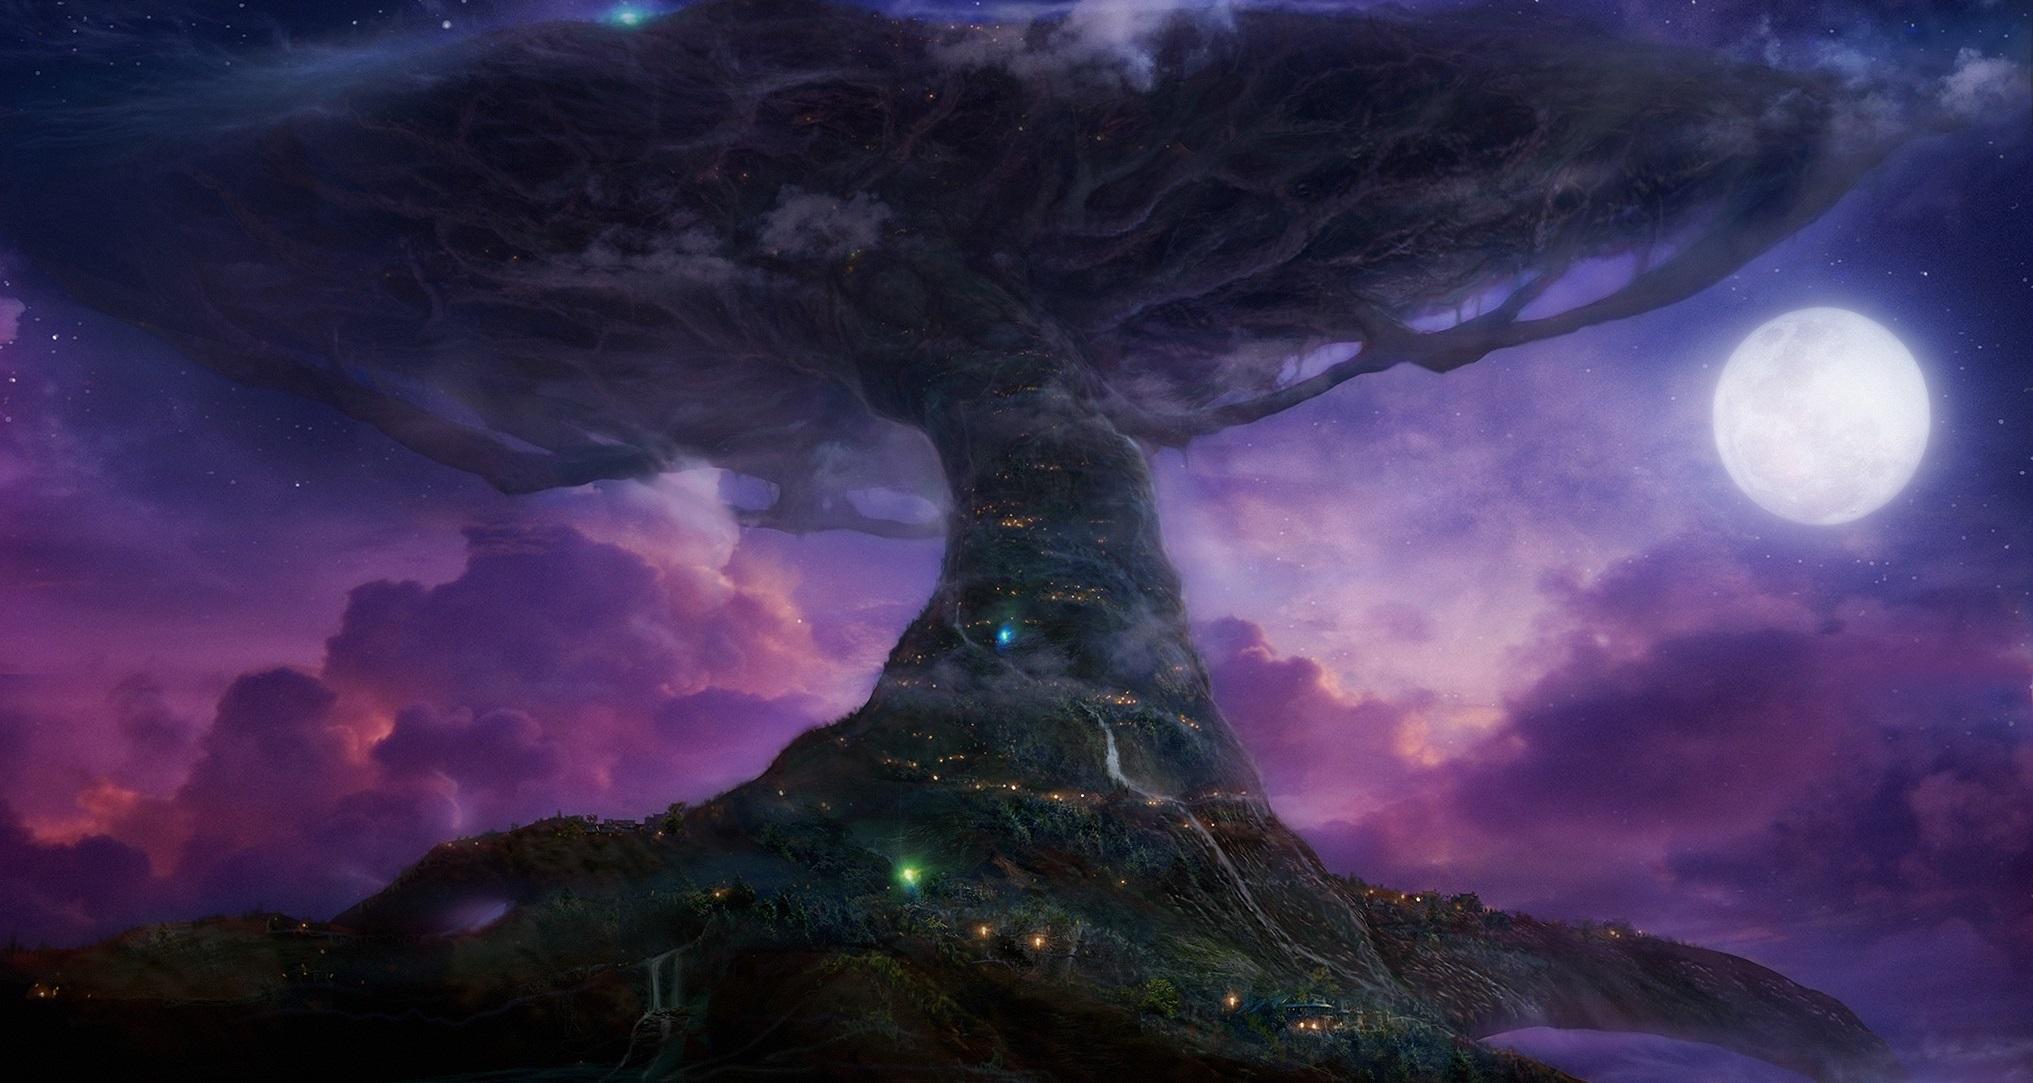 https://i0.wp.com/i-uv.com/wp-content/uploads/2013/06/tree-of-life.jpg